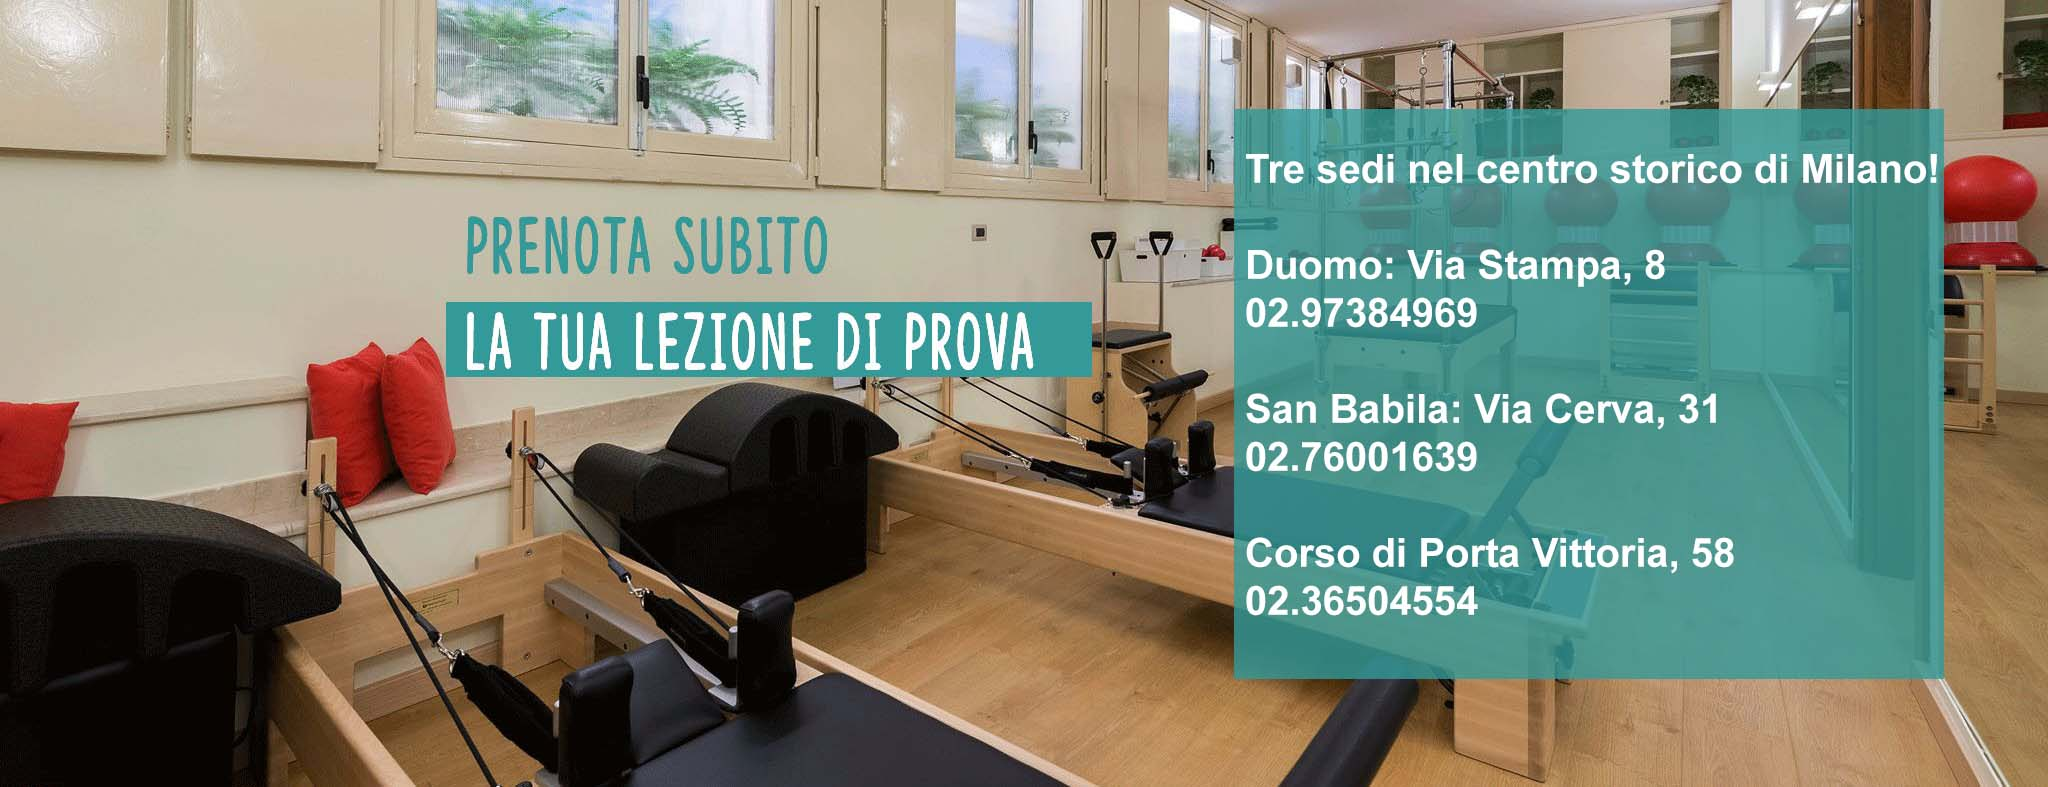 Corsi Di Pilates Via Luigi Brugnatelli Milano - Prenota subito la tua lezione di prova